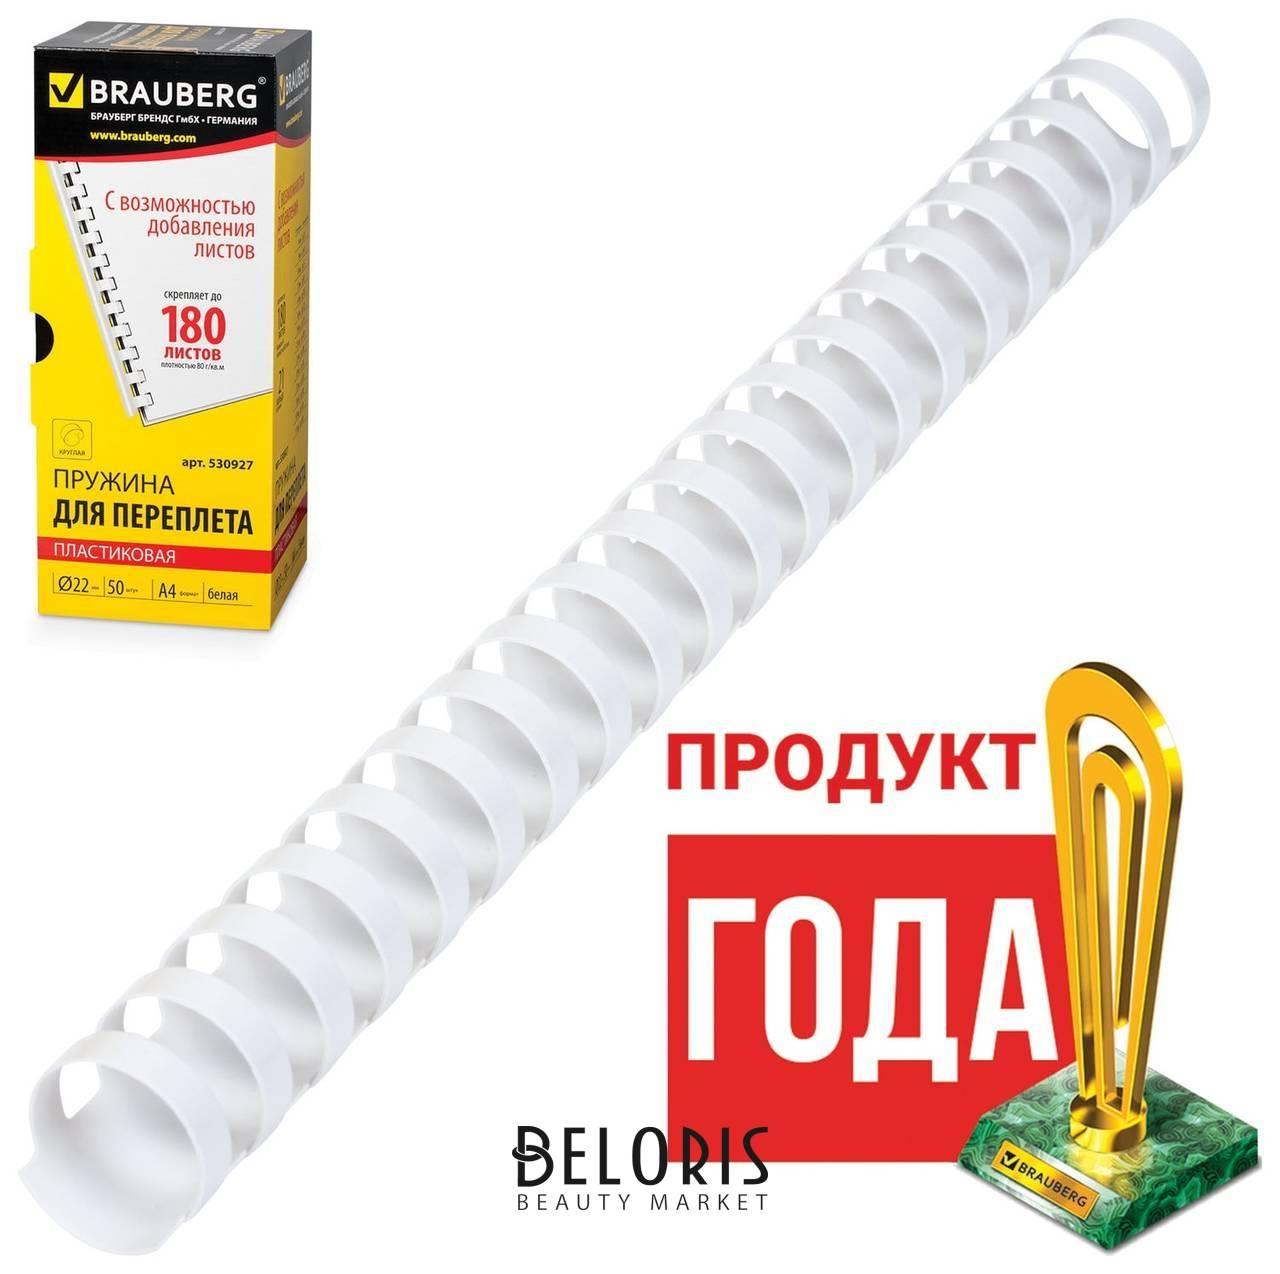 Пружины пластиковые для переплета, комплект 50 шт., 22 мм (для сшивания 151-180 листов), белые, Brauberg Brauberg